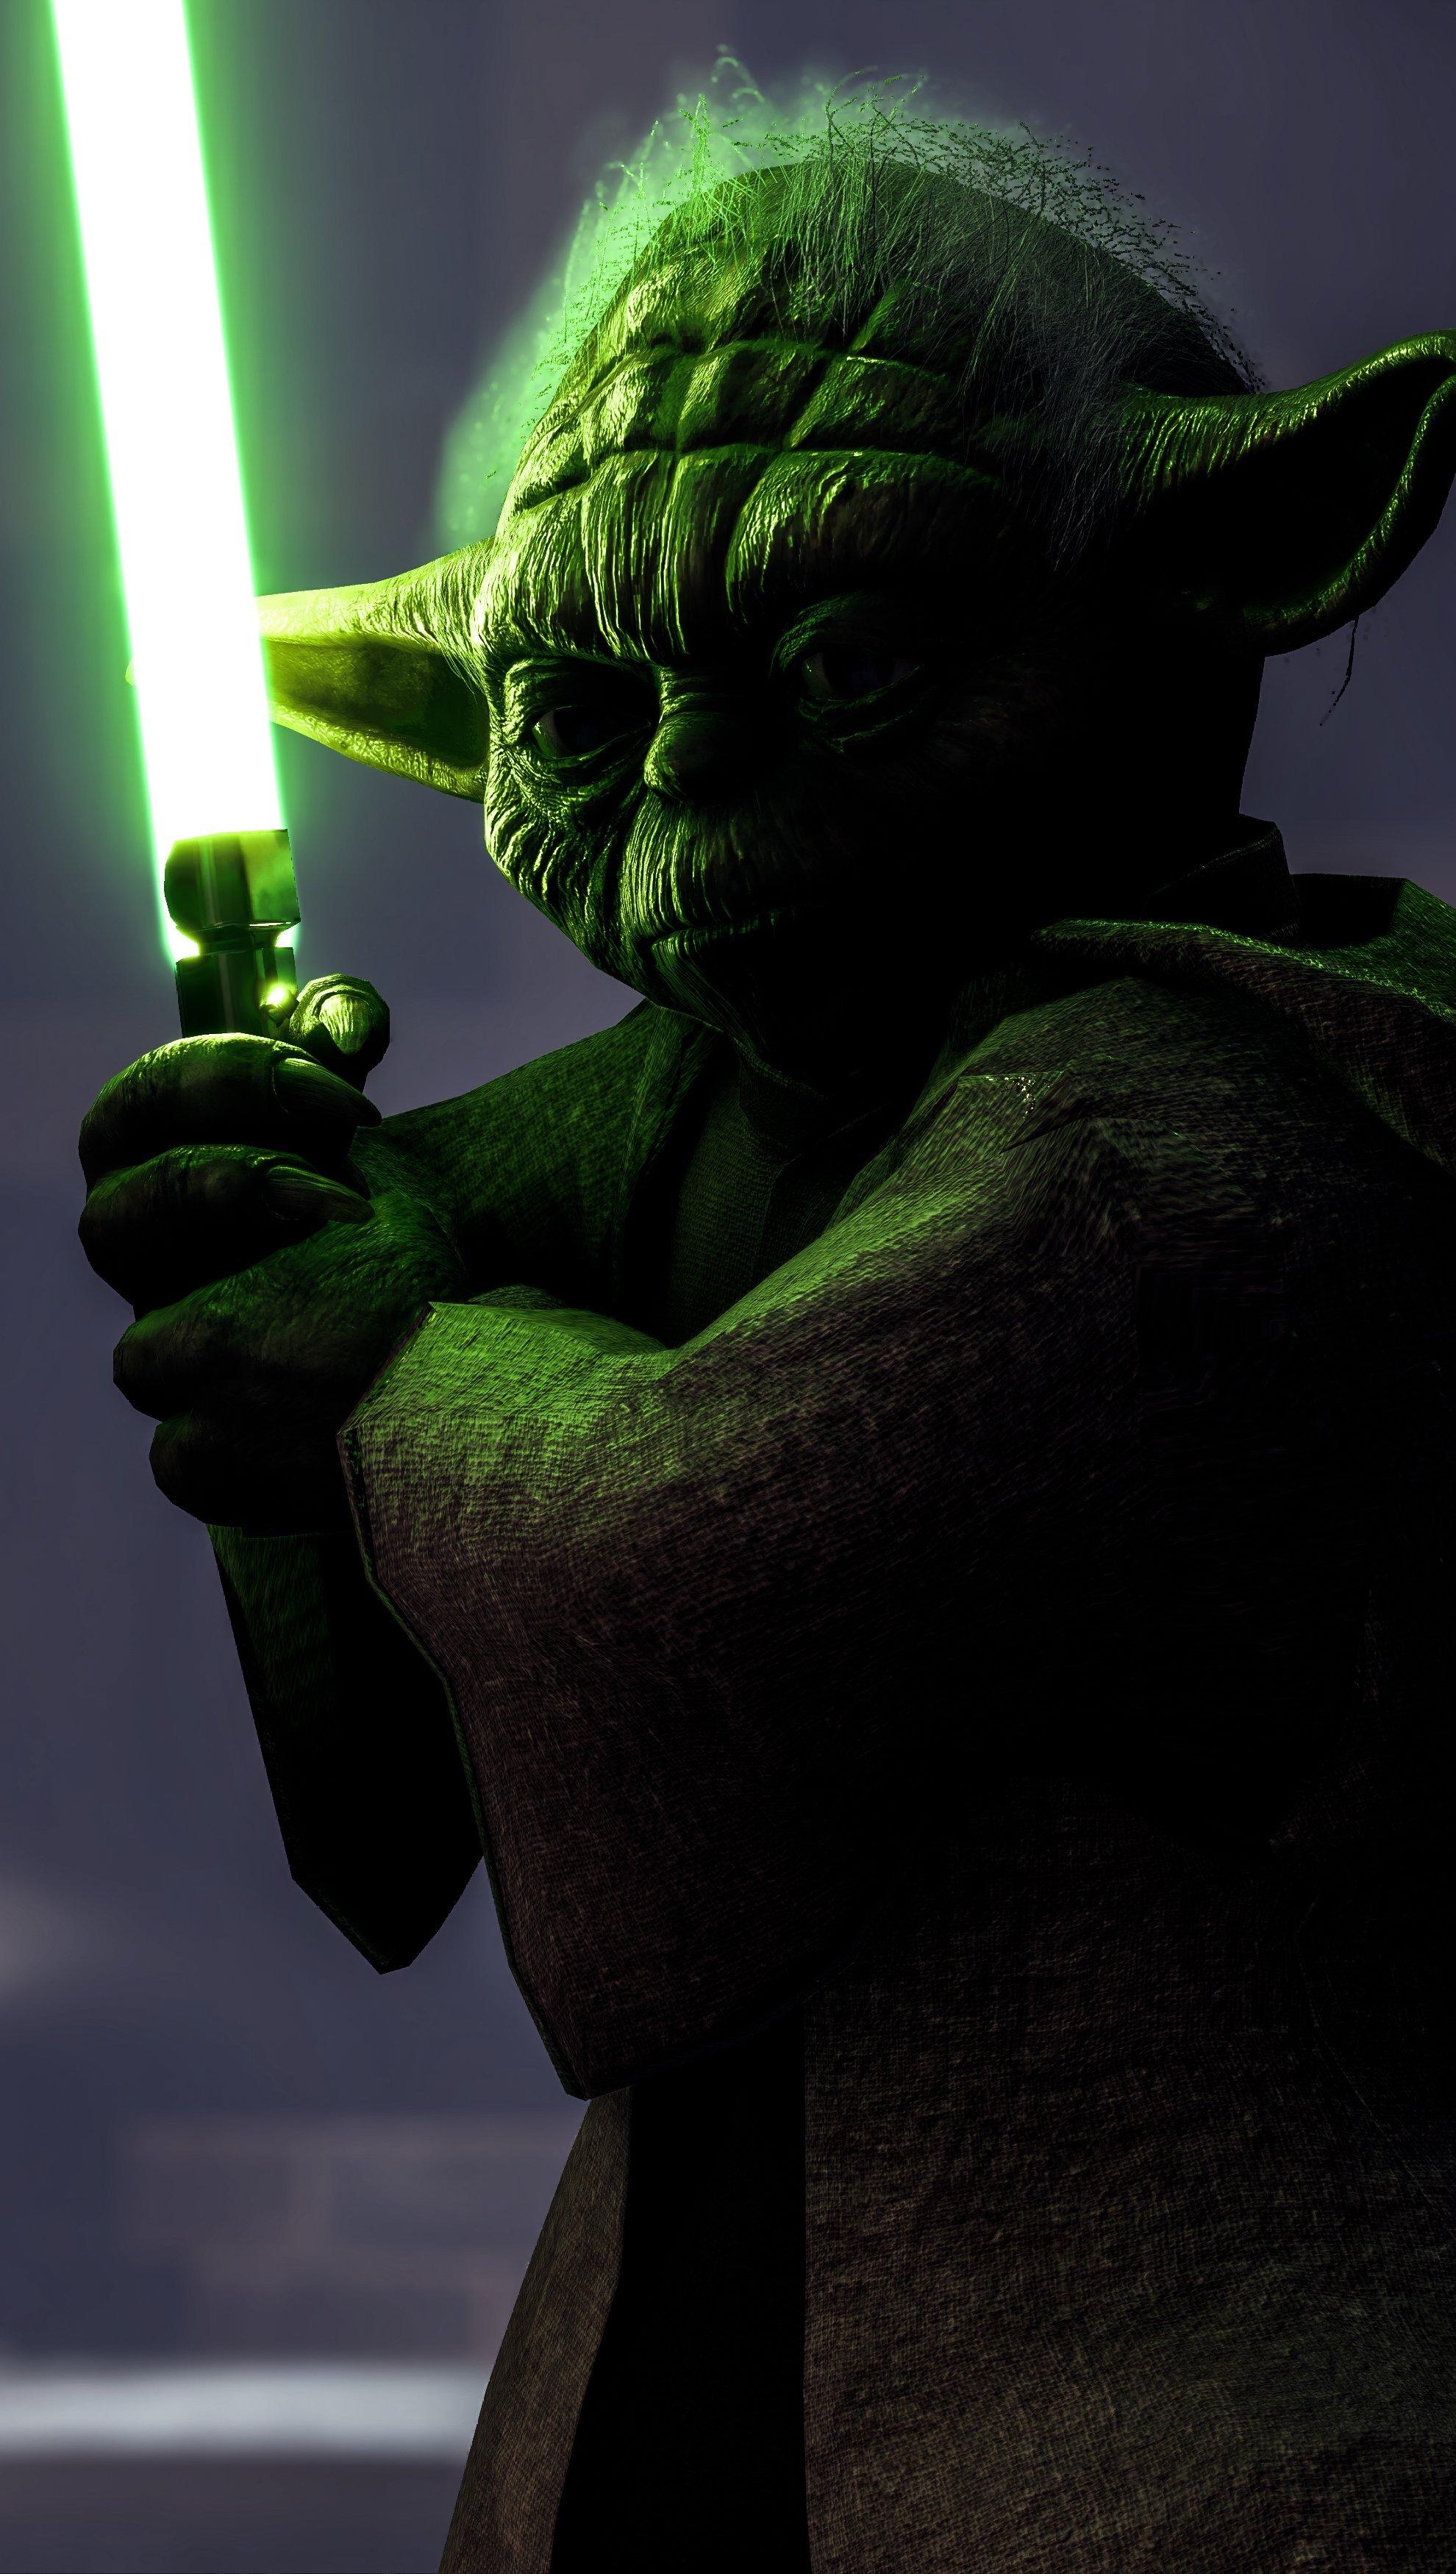 Wallpaper Yoda Star Wars Battlefront Vertical